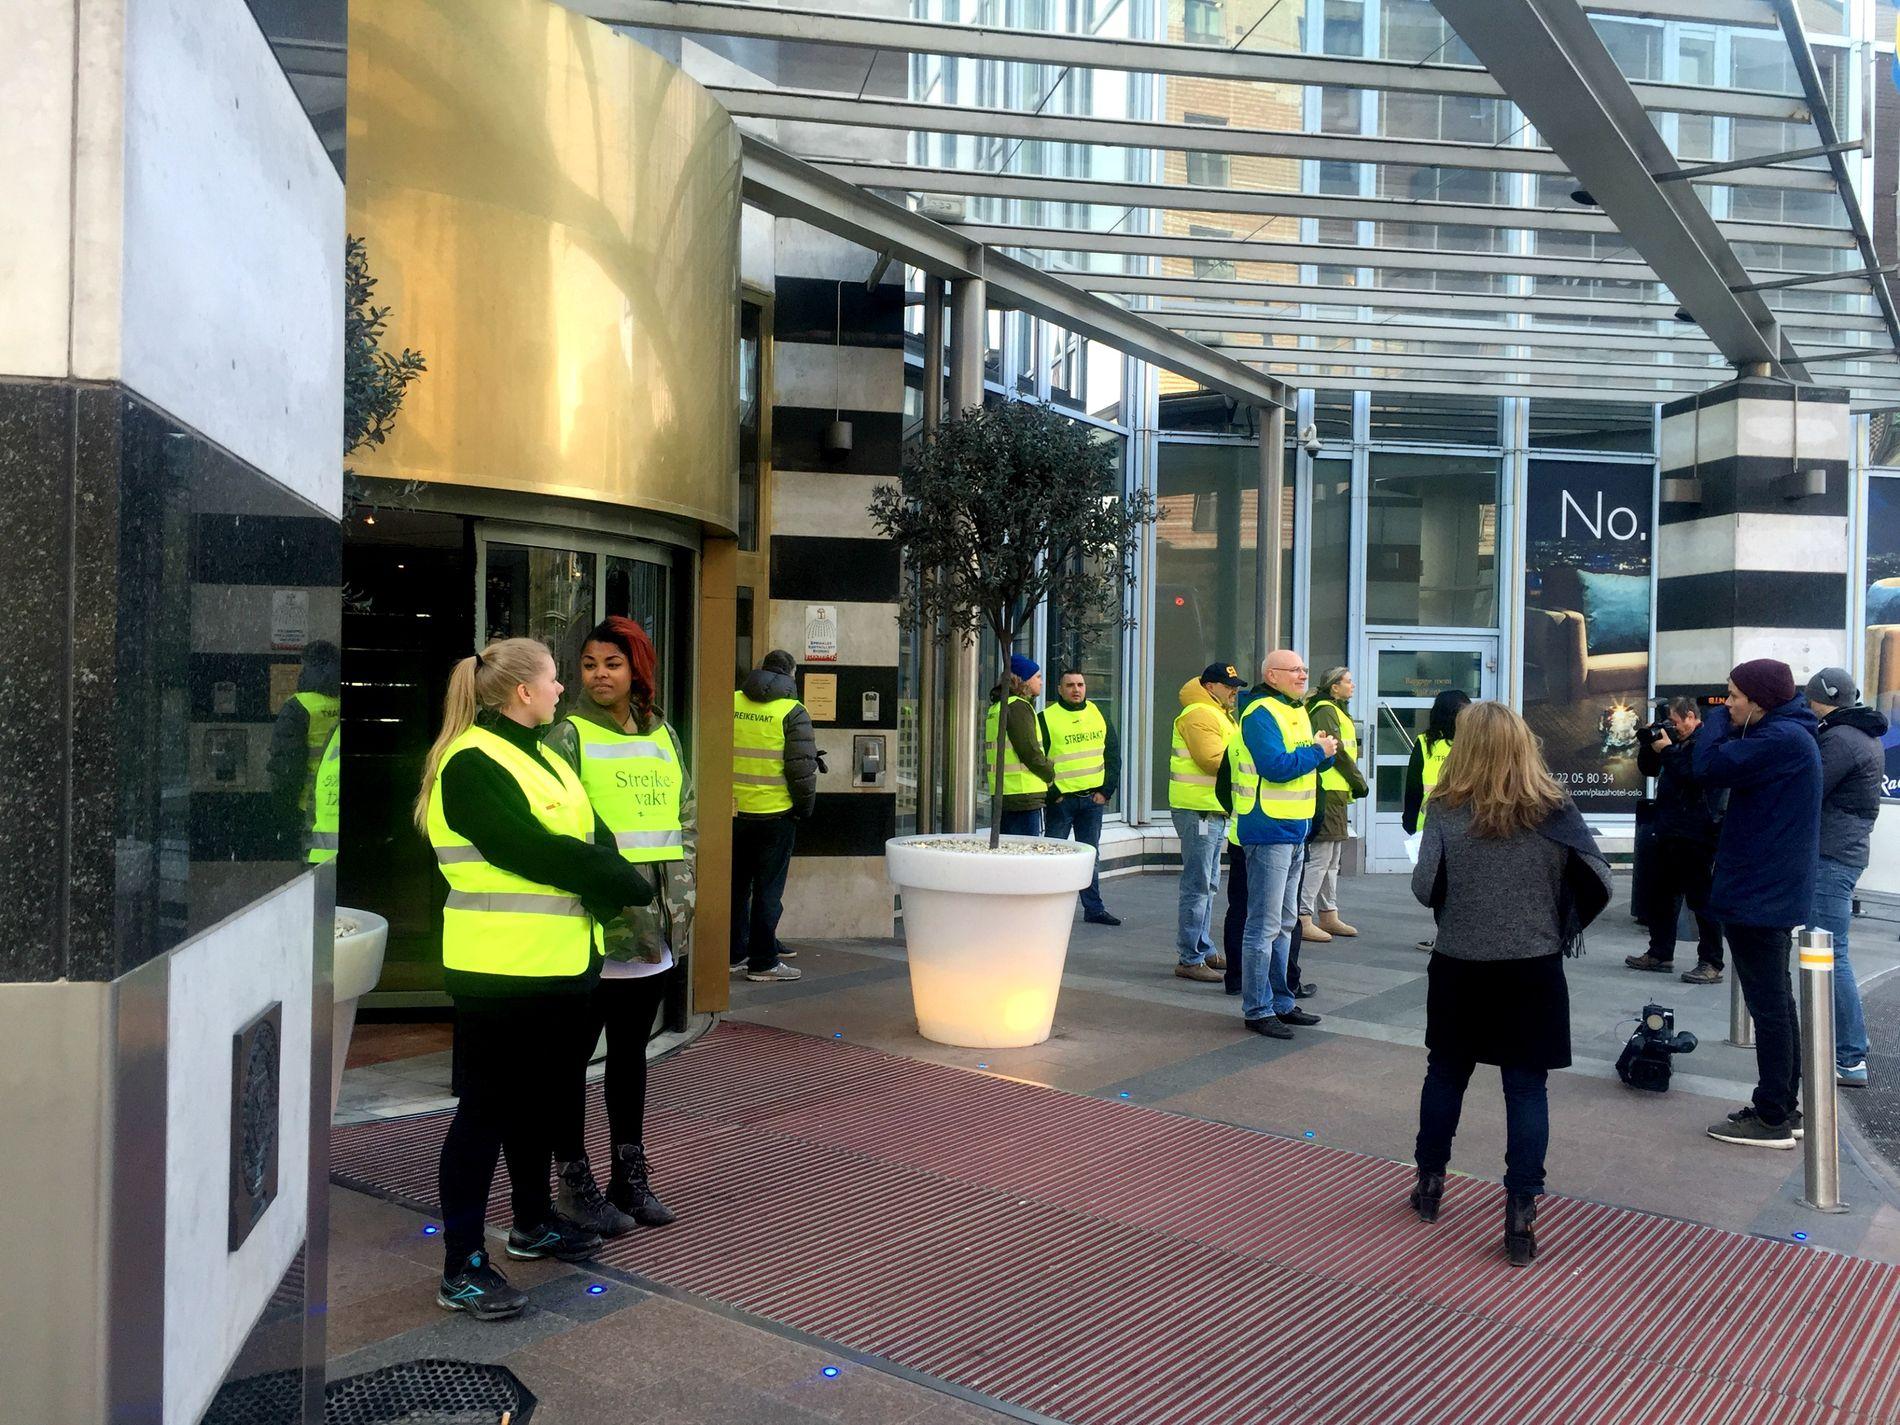 VAKT: Flere hoteller rundt i Norge er rammet av streiken i dag. Her står streikevaktene utenfor hotell Plaza i Oslo.